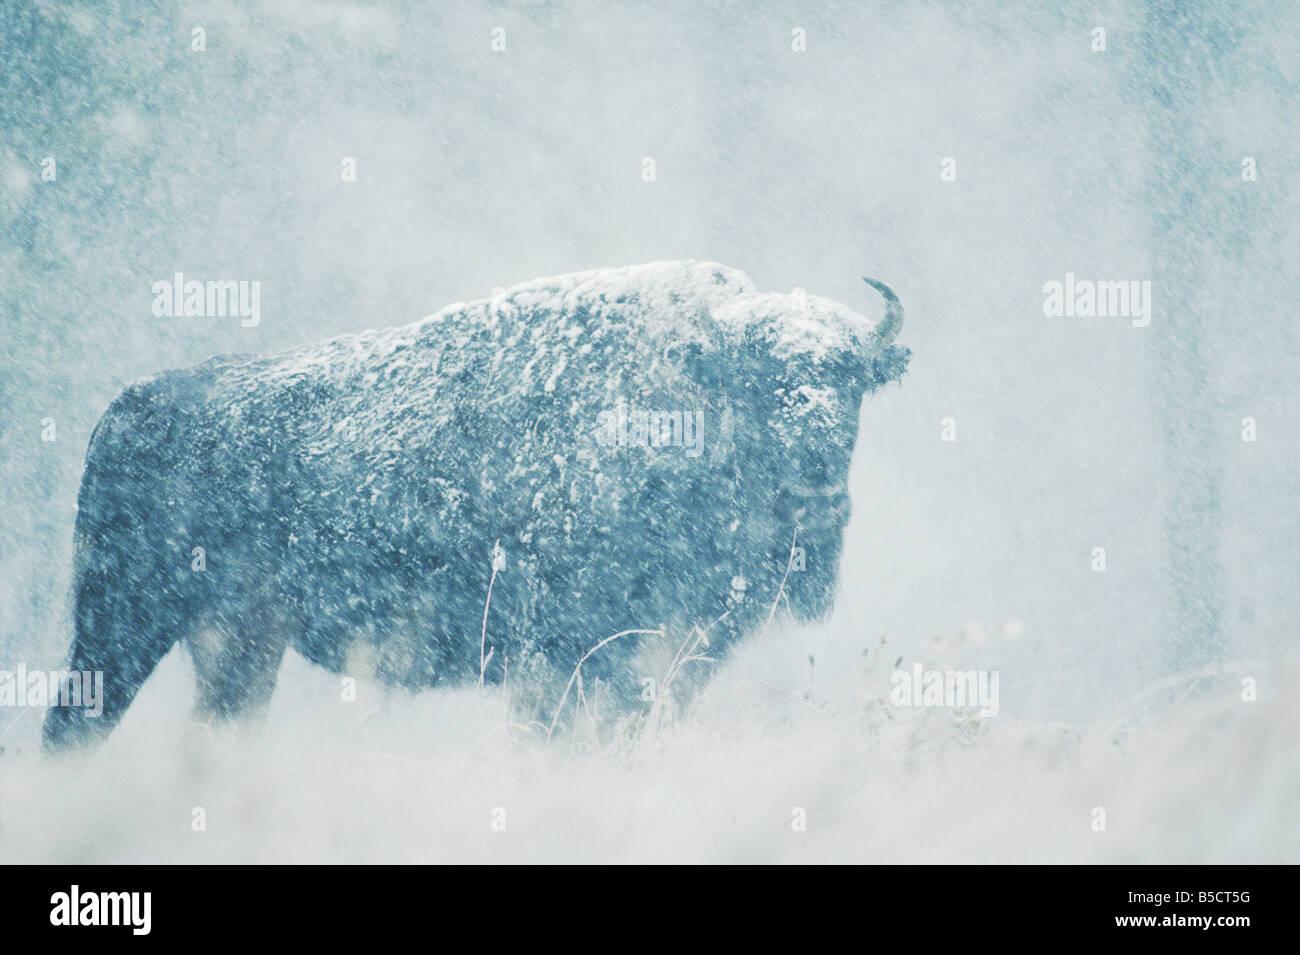 Amerikanische Bisons Buffalo Bison Bison Erwachsene im Schnee Sturm Custer State Park South Dakota, USA Stockfoto